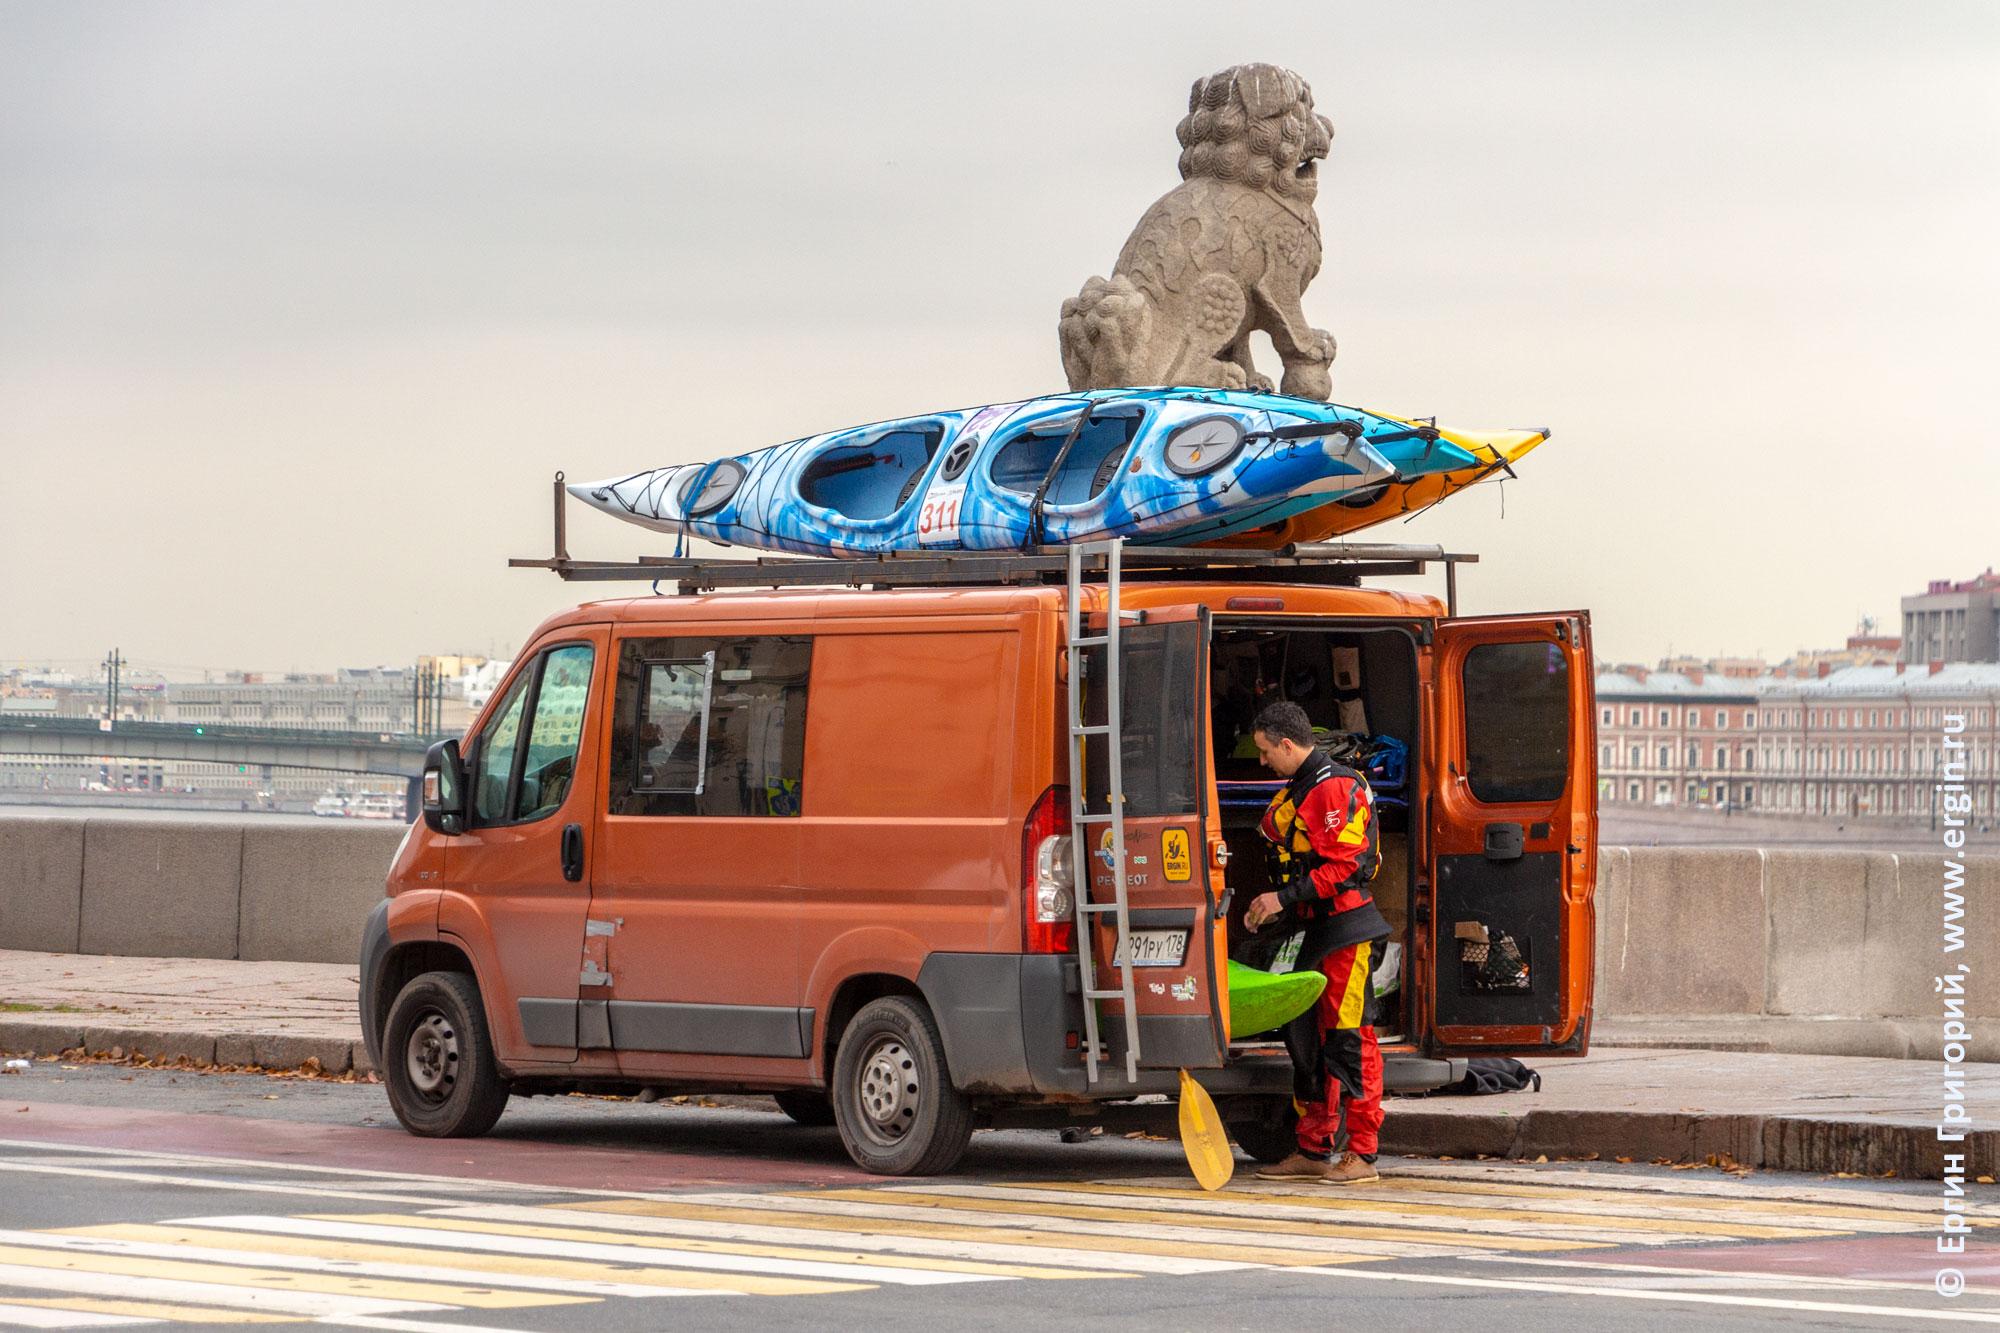 Морские каяки погружены на багажник микроавтобуса возле Ши-цза в Санкт-Петербурге